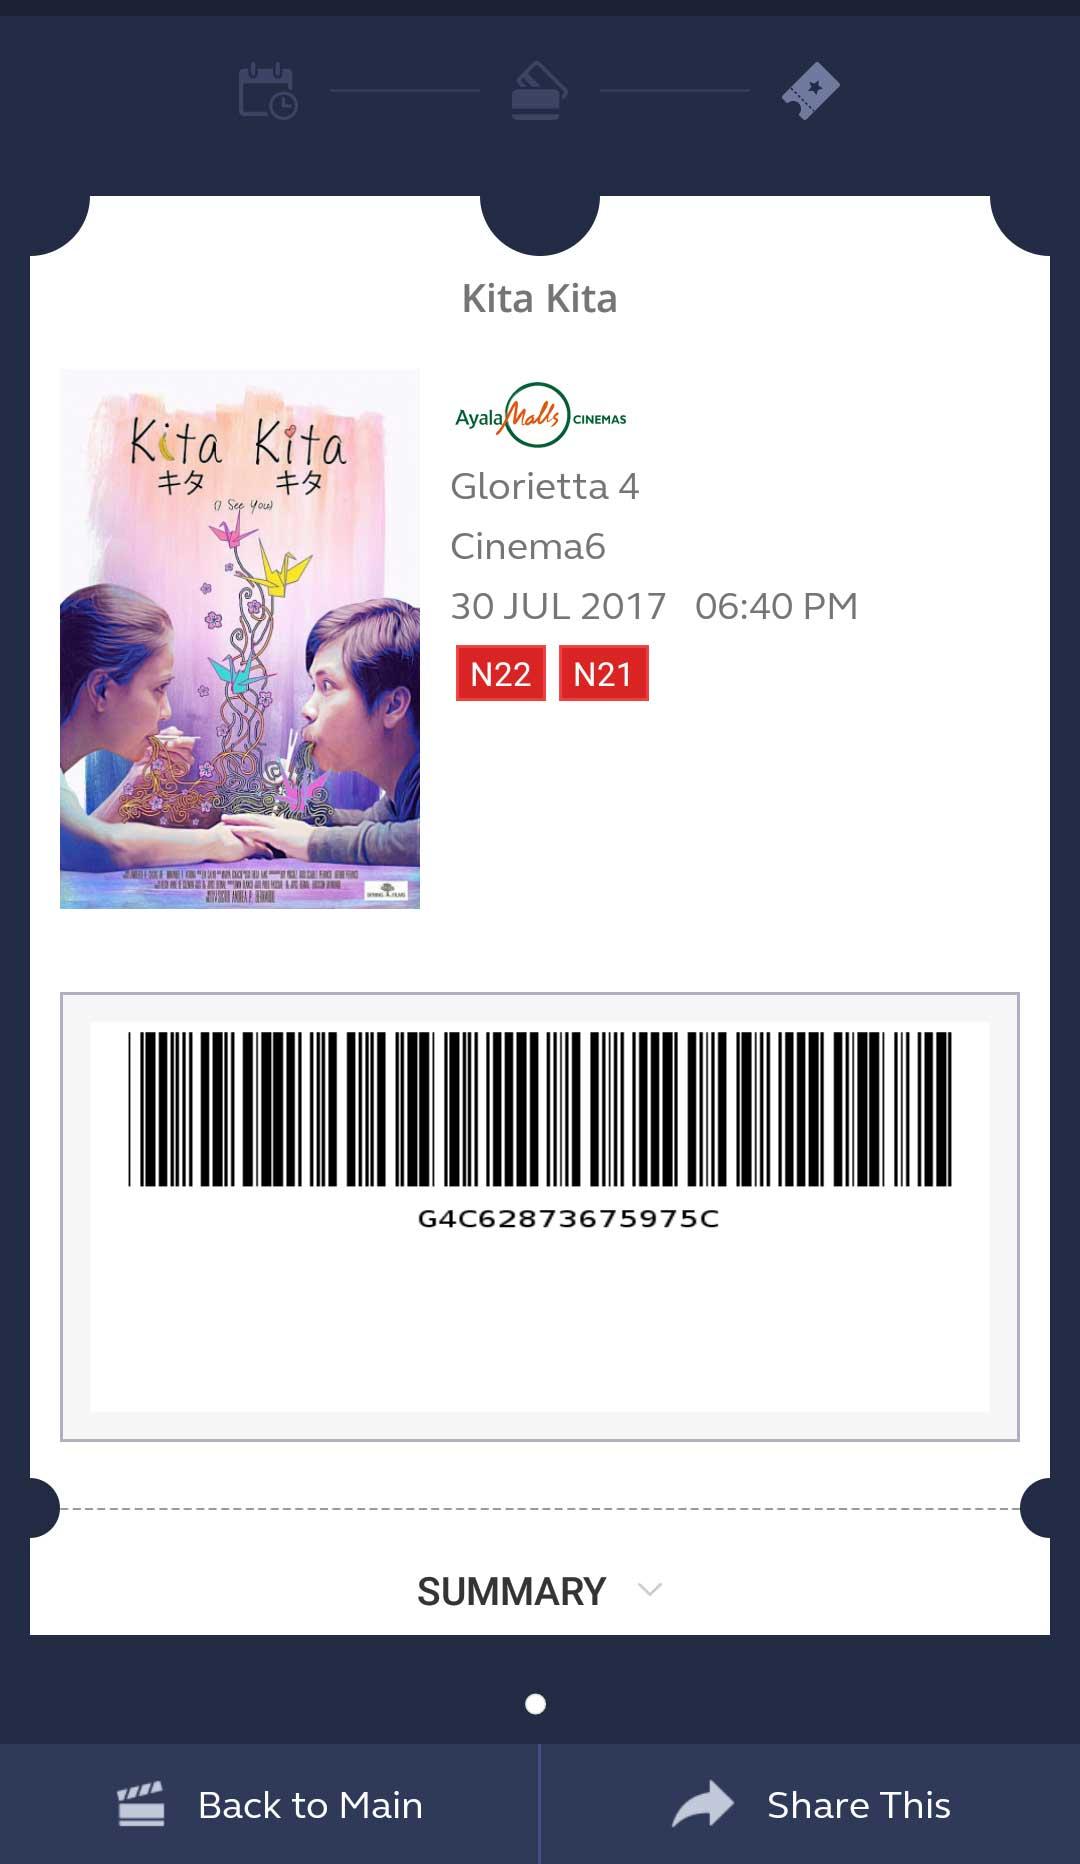 Our GMovies E-Ticket for the movie 'Kita Kita (2017)'